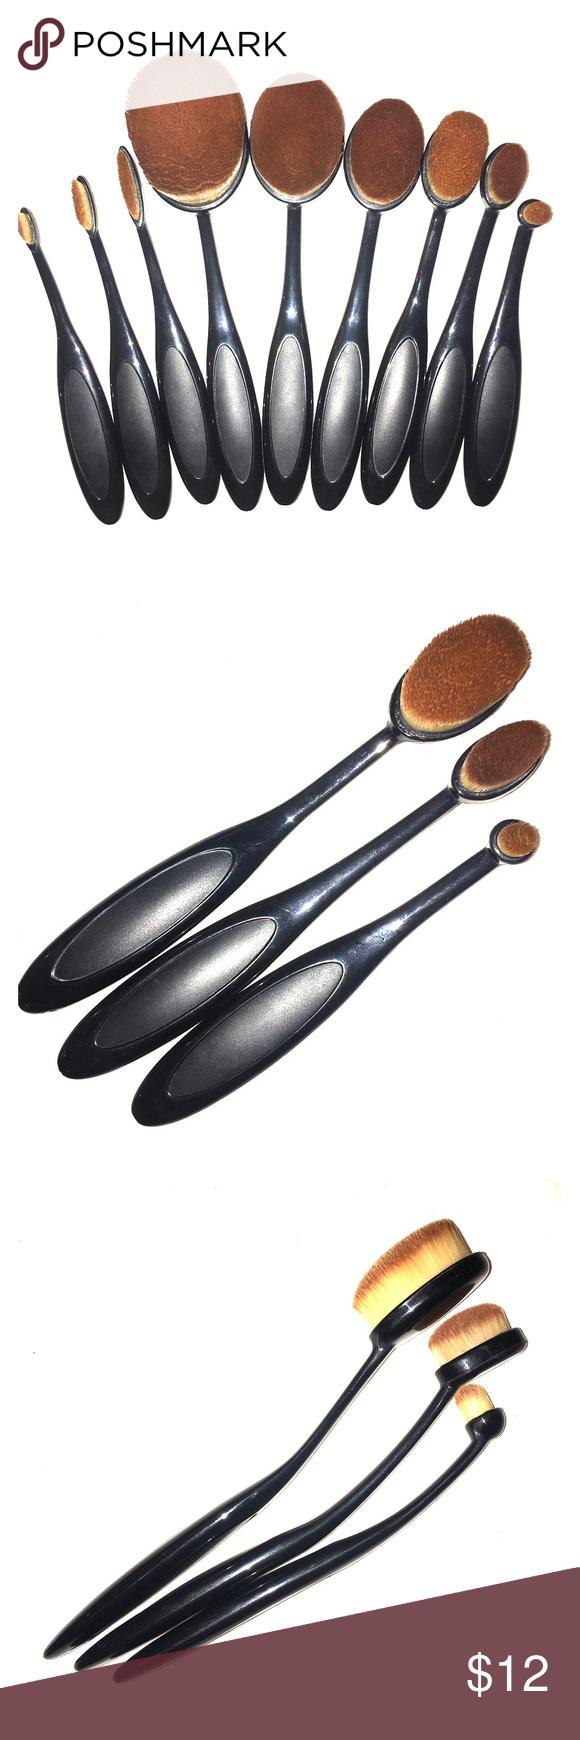 Oval Makeup Brush Set of 3 SmallMedium NWT Oval makeup